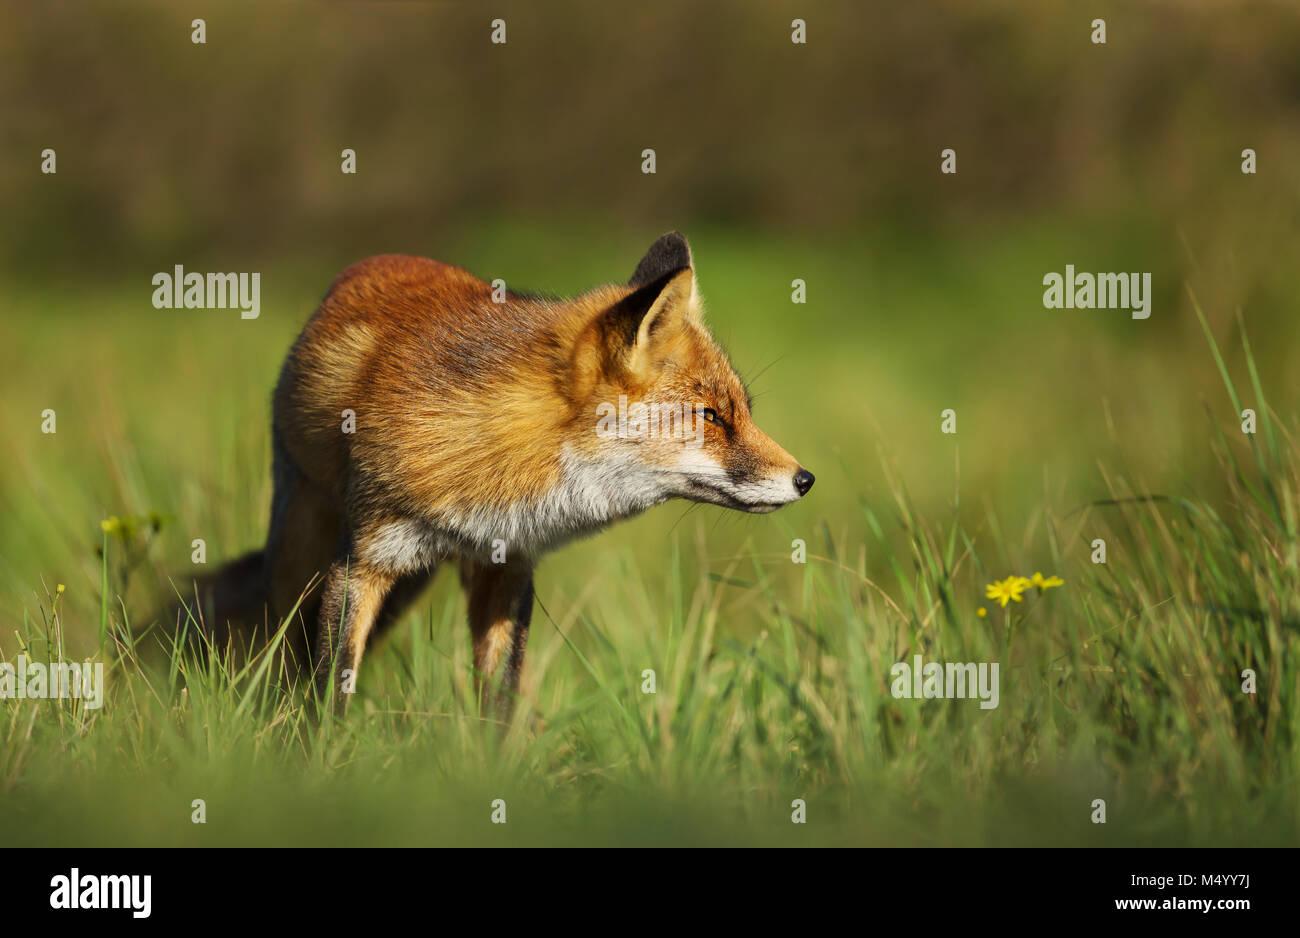 El zorro rojo de pie en el campo de hierba, Reino Unido. Imagen De Stock